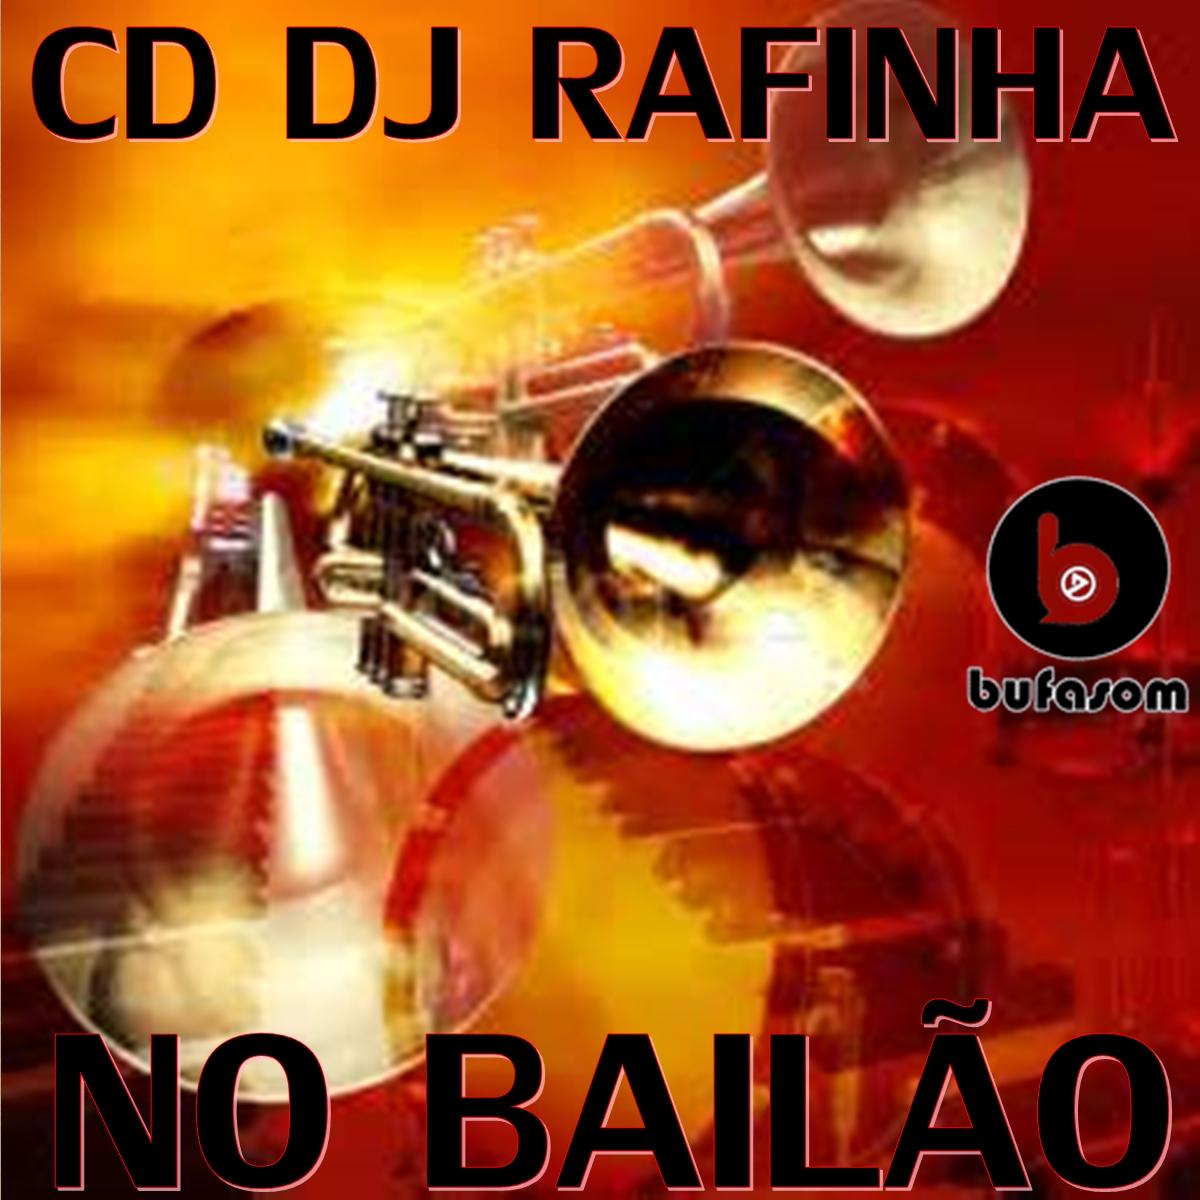 CD DJ RAFINHA NO BAILAO